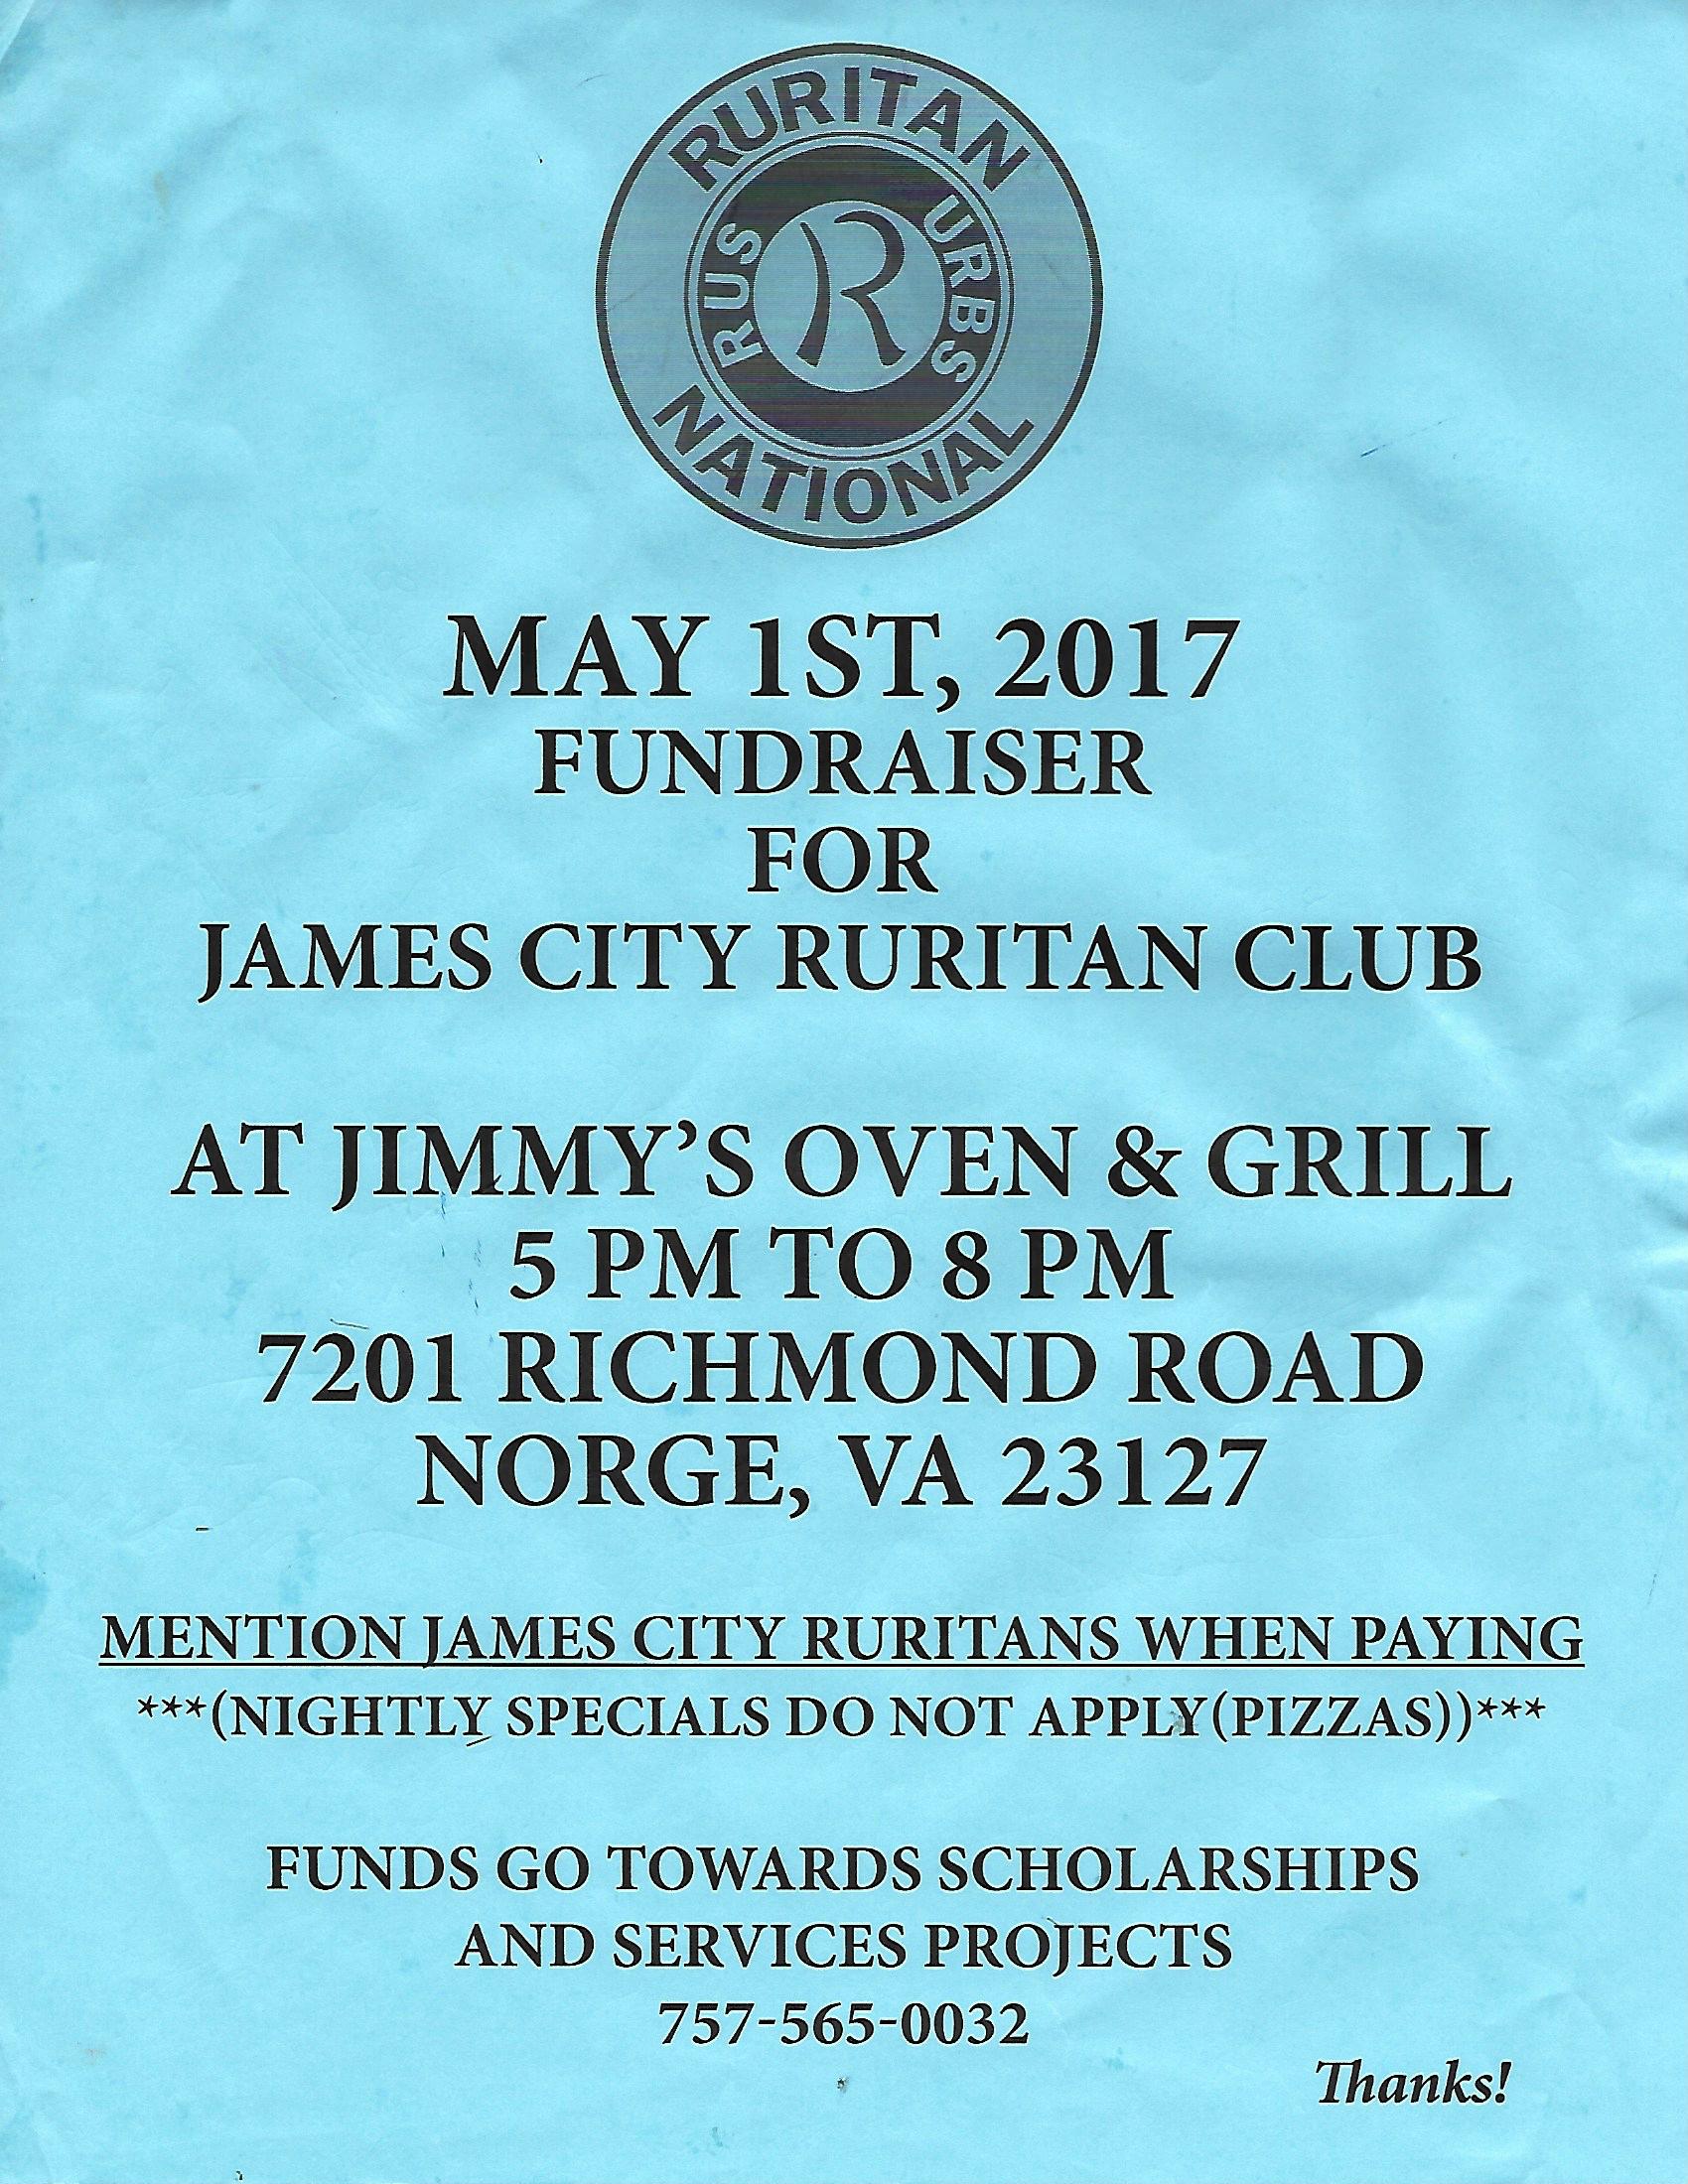 Ruritan Fundraiser